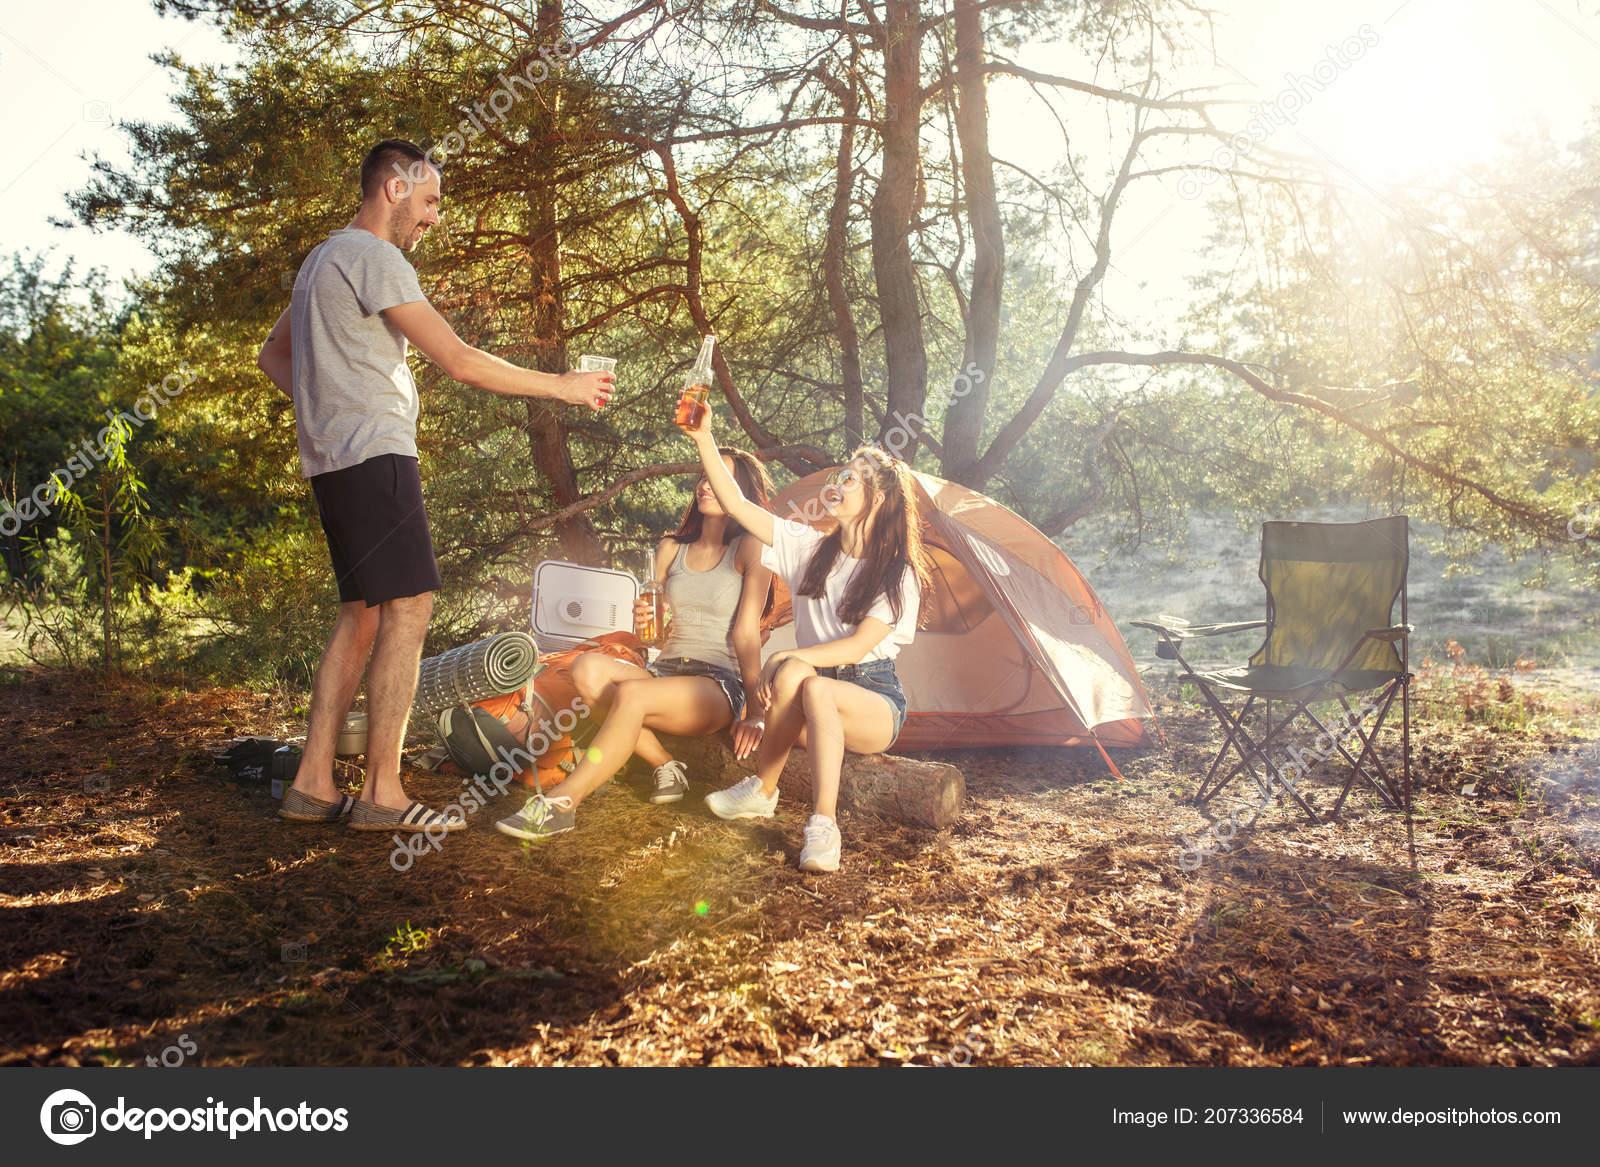 Секс групповой в лесу фото, Три худенькие молодухи раздеваются в лесу секс фото 23 фотография